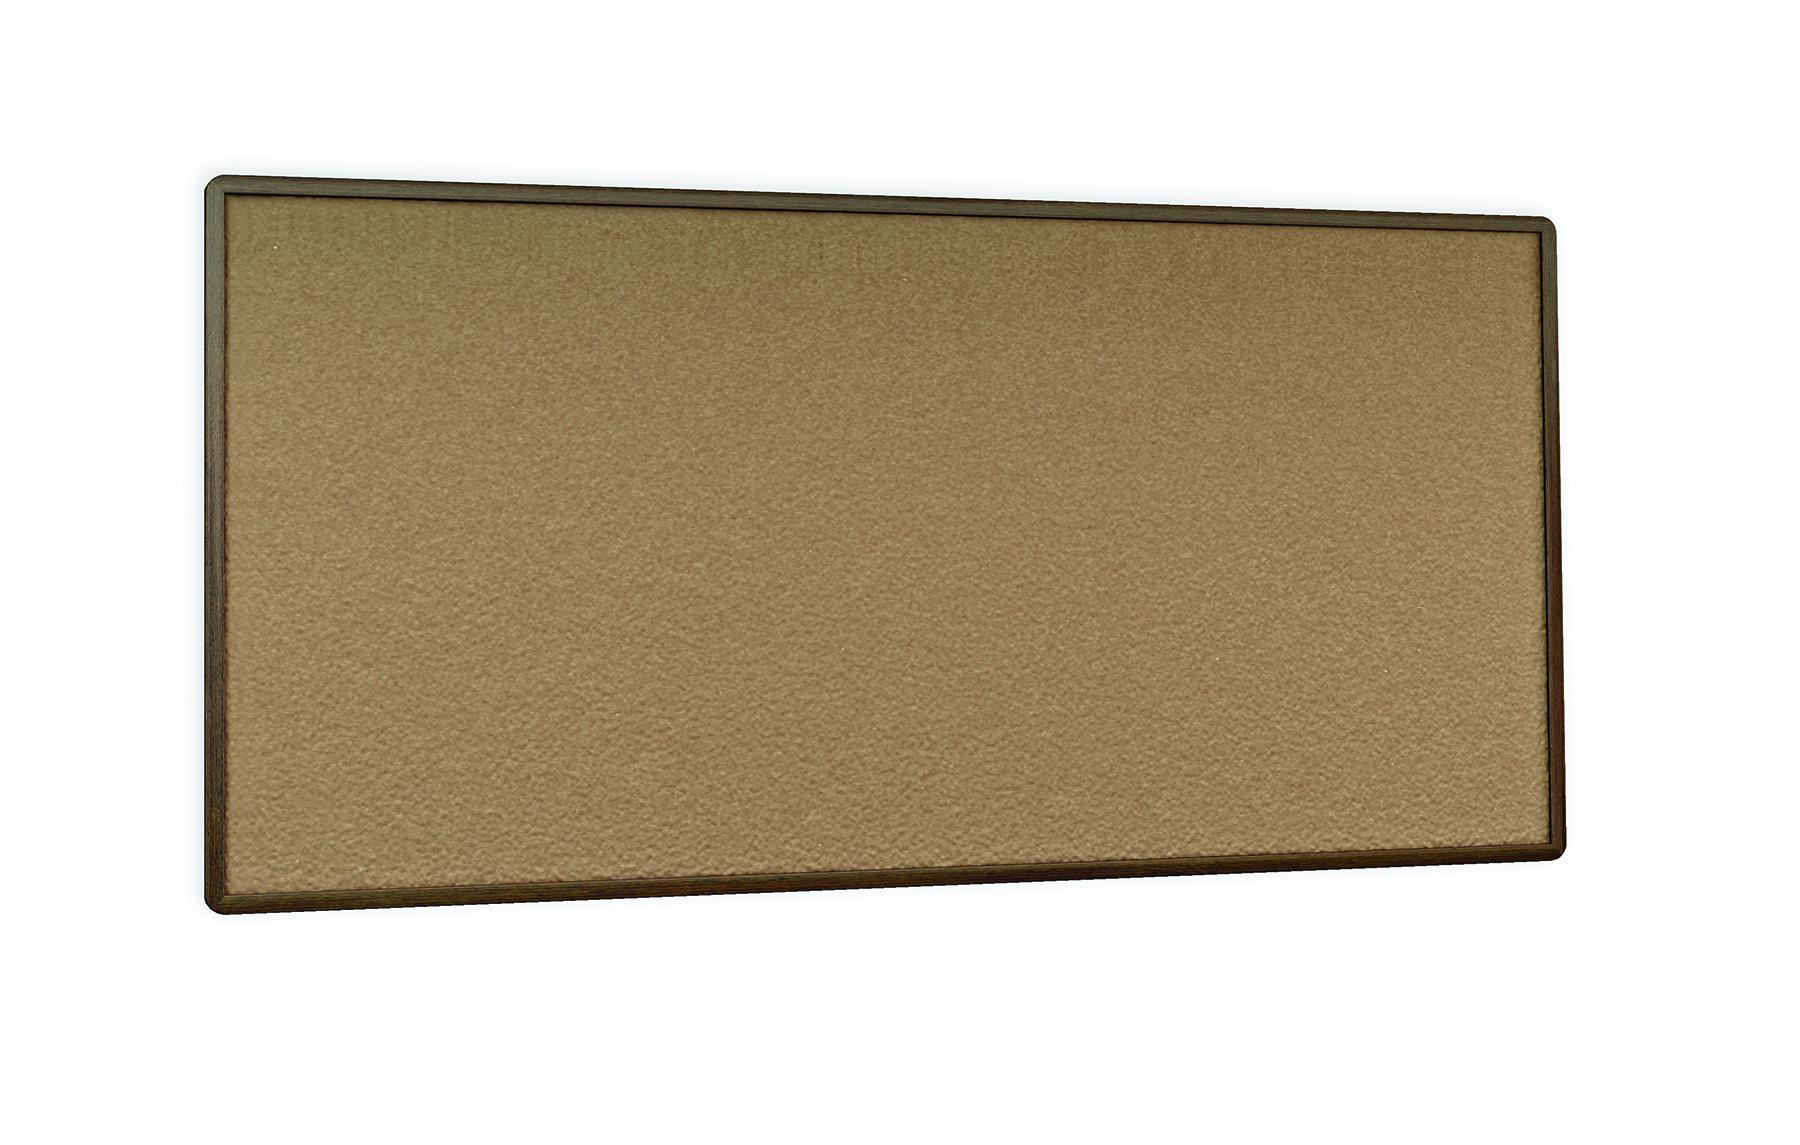 Combination markerboard u0026 tackboard cork board modern for Modern cork board